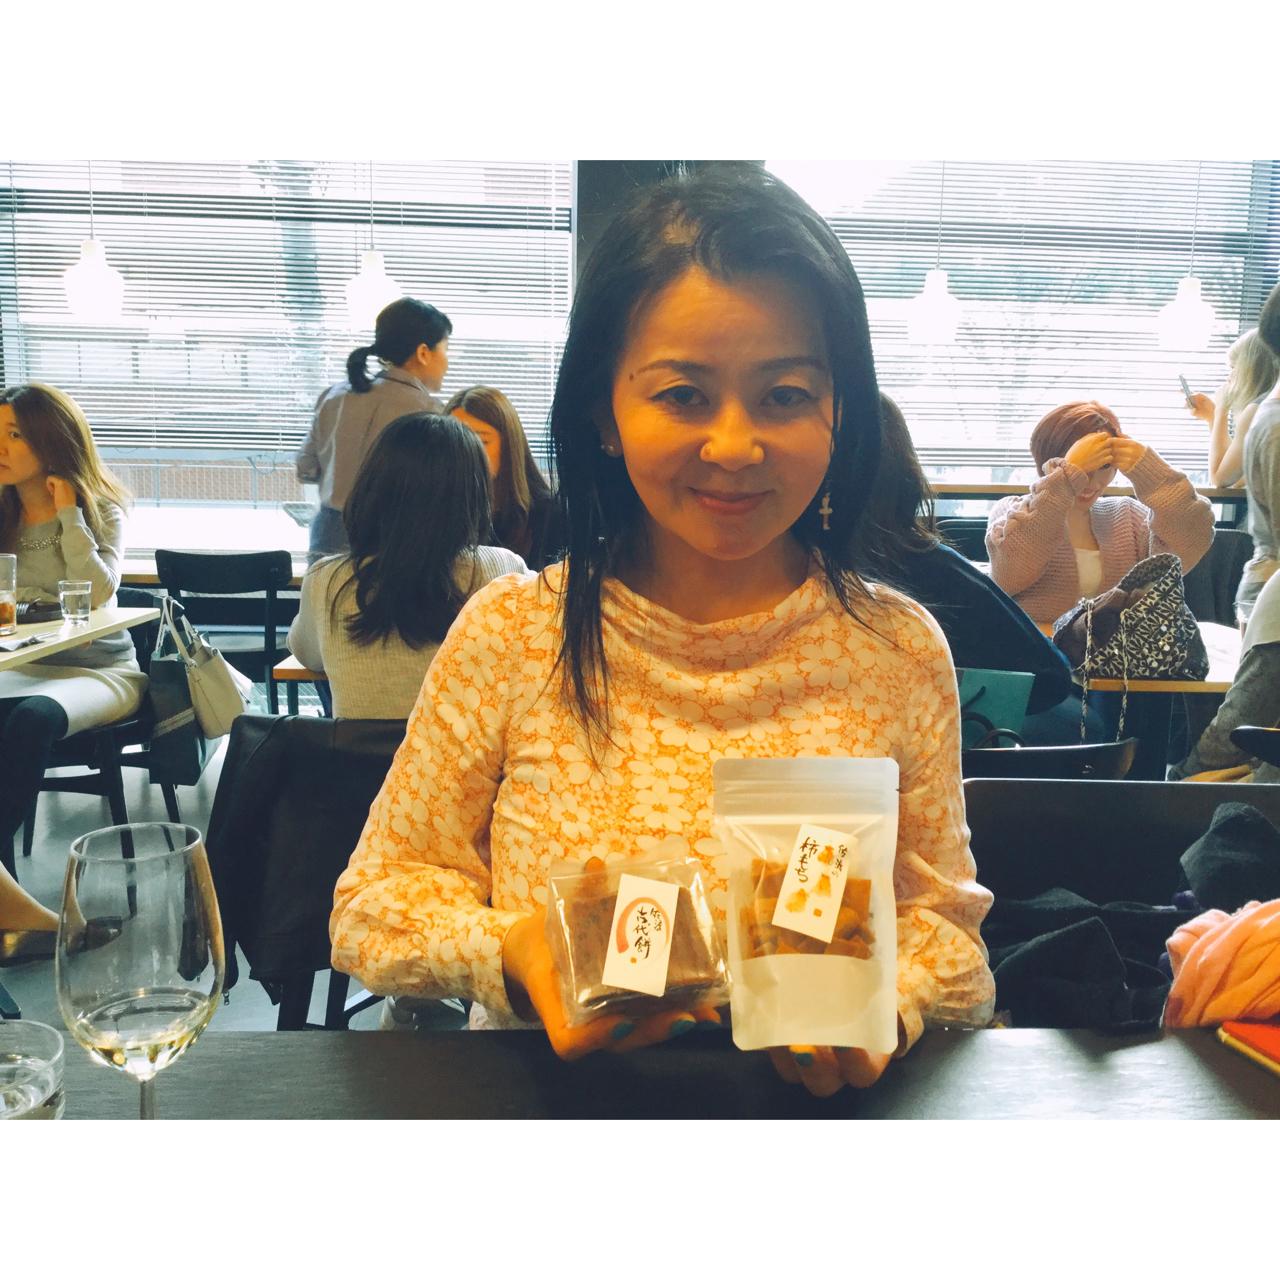 """わかなさんがずっと日本に紹介し続けている、カンボジアの万能布「クロマー」を扱う葉山のギャラリー・HOUSE1891にて、5/1〜5/5まで行われる「佐渡島×屋久島 シマシマ展」に出店する、佐渡島の美味しい名産品・""""柿のかき餅""""と""""佐渡の古代米入り玄米餅""""を頂きました❣️ありがとうございます😊"""